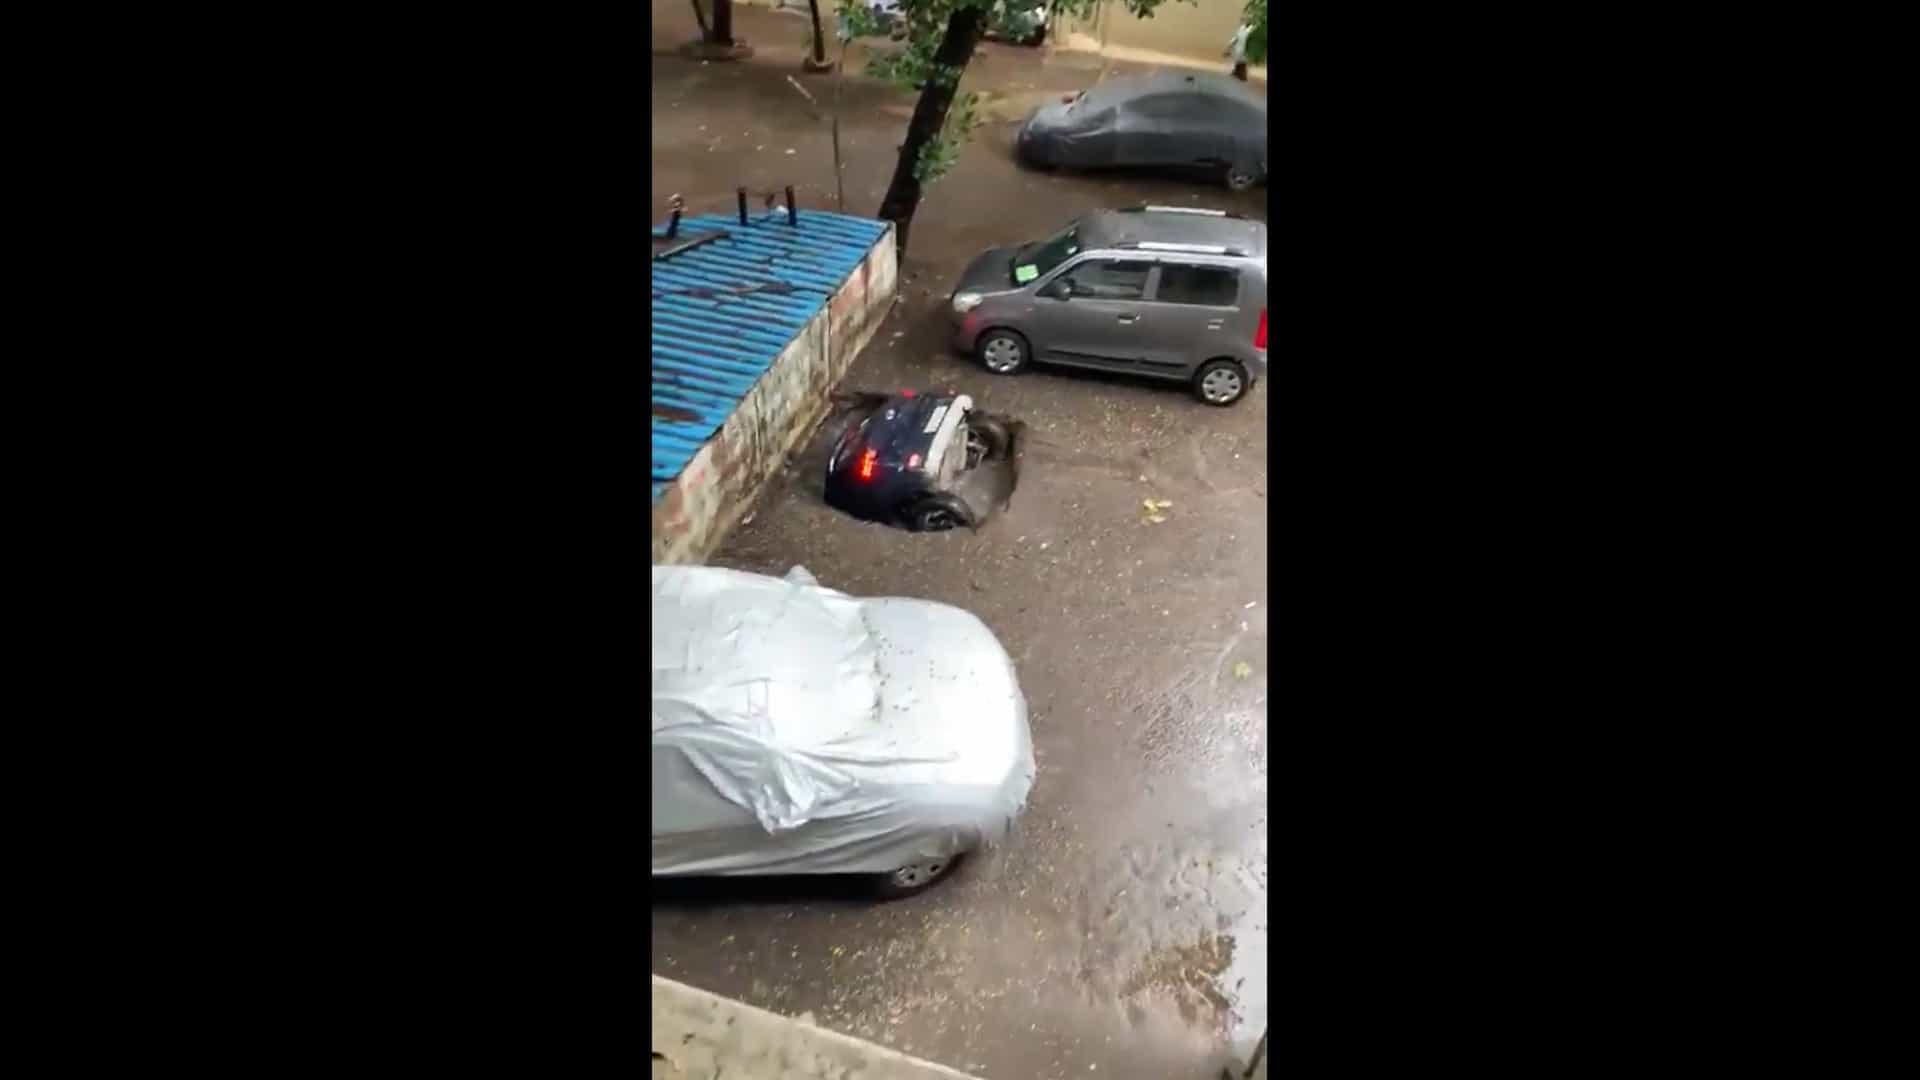 Carro afunda em buraco em parque de estacionamento na Índia